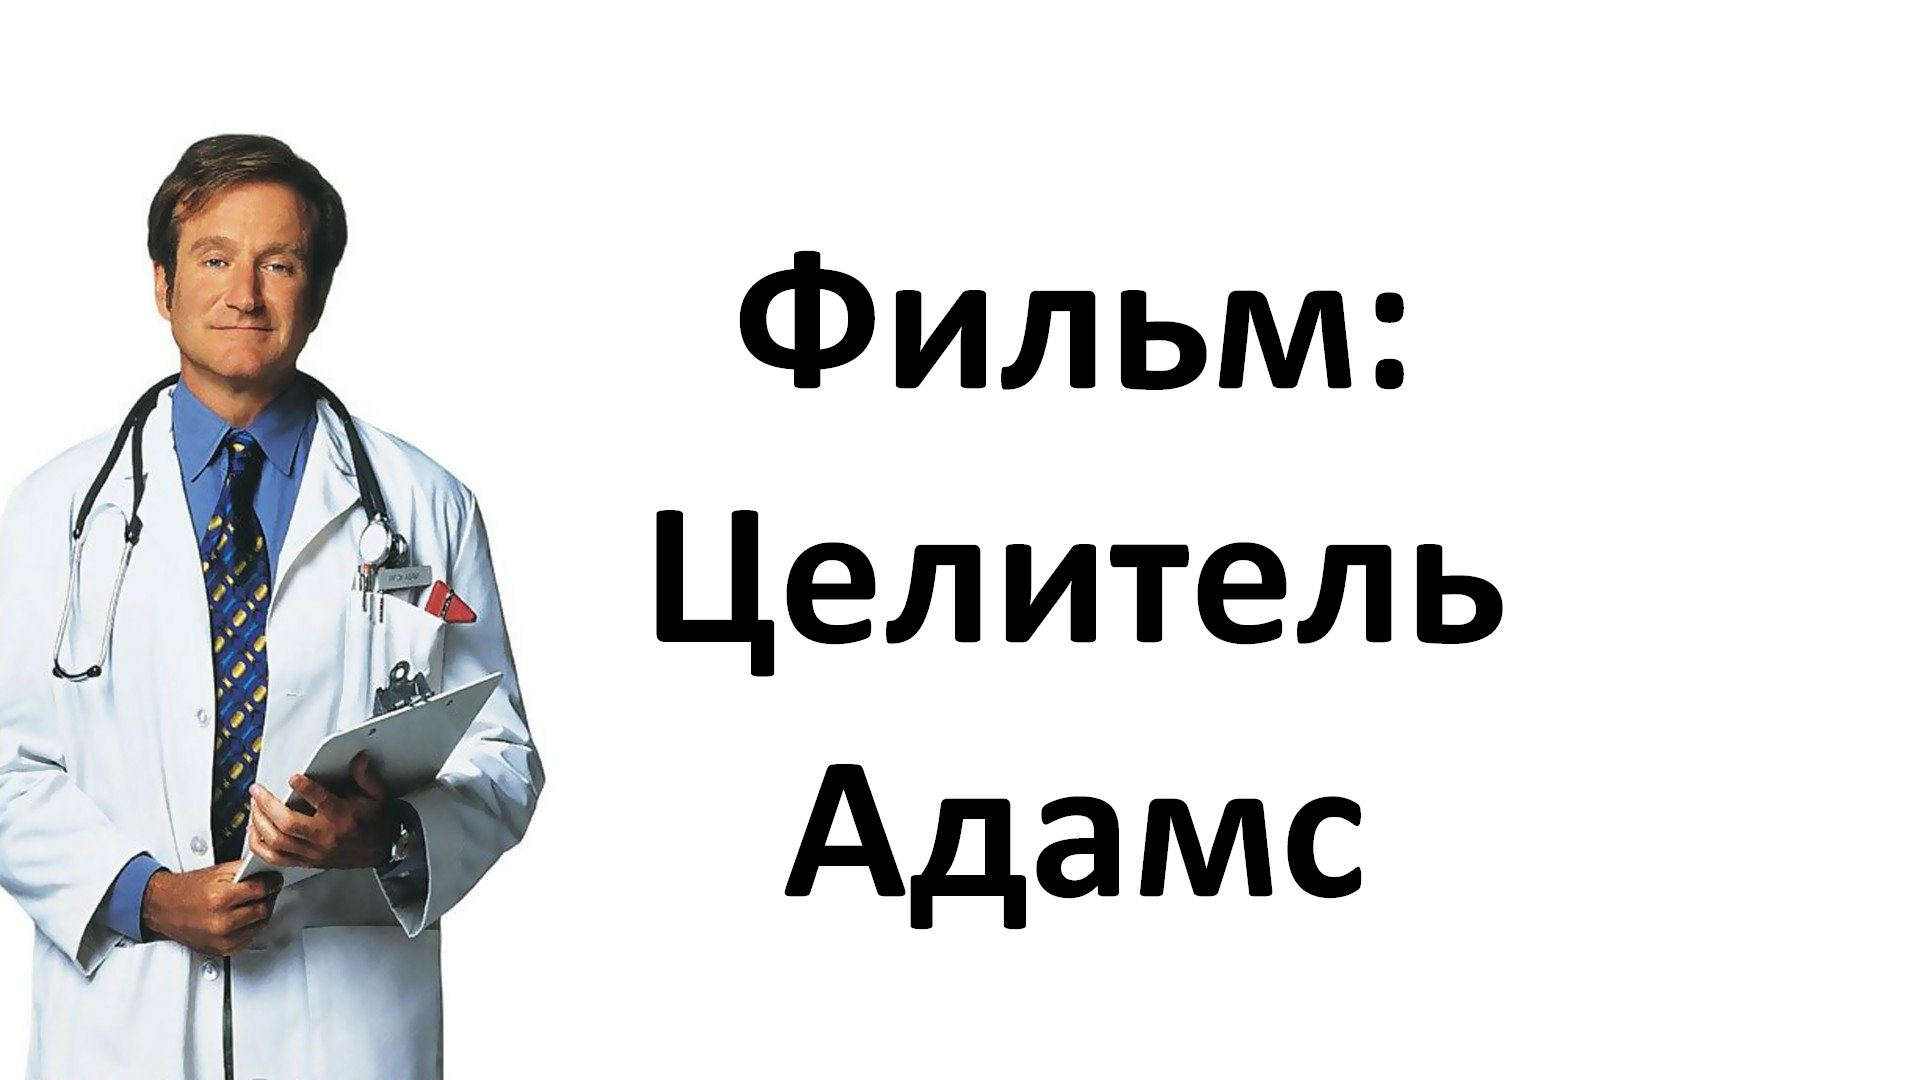 Фильм «Целитель Адамс»